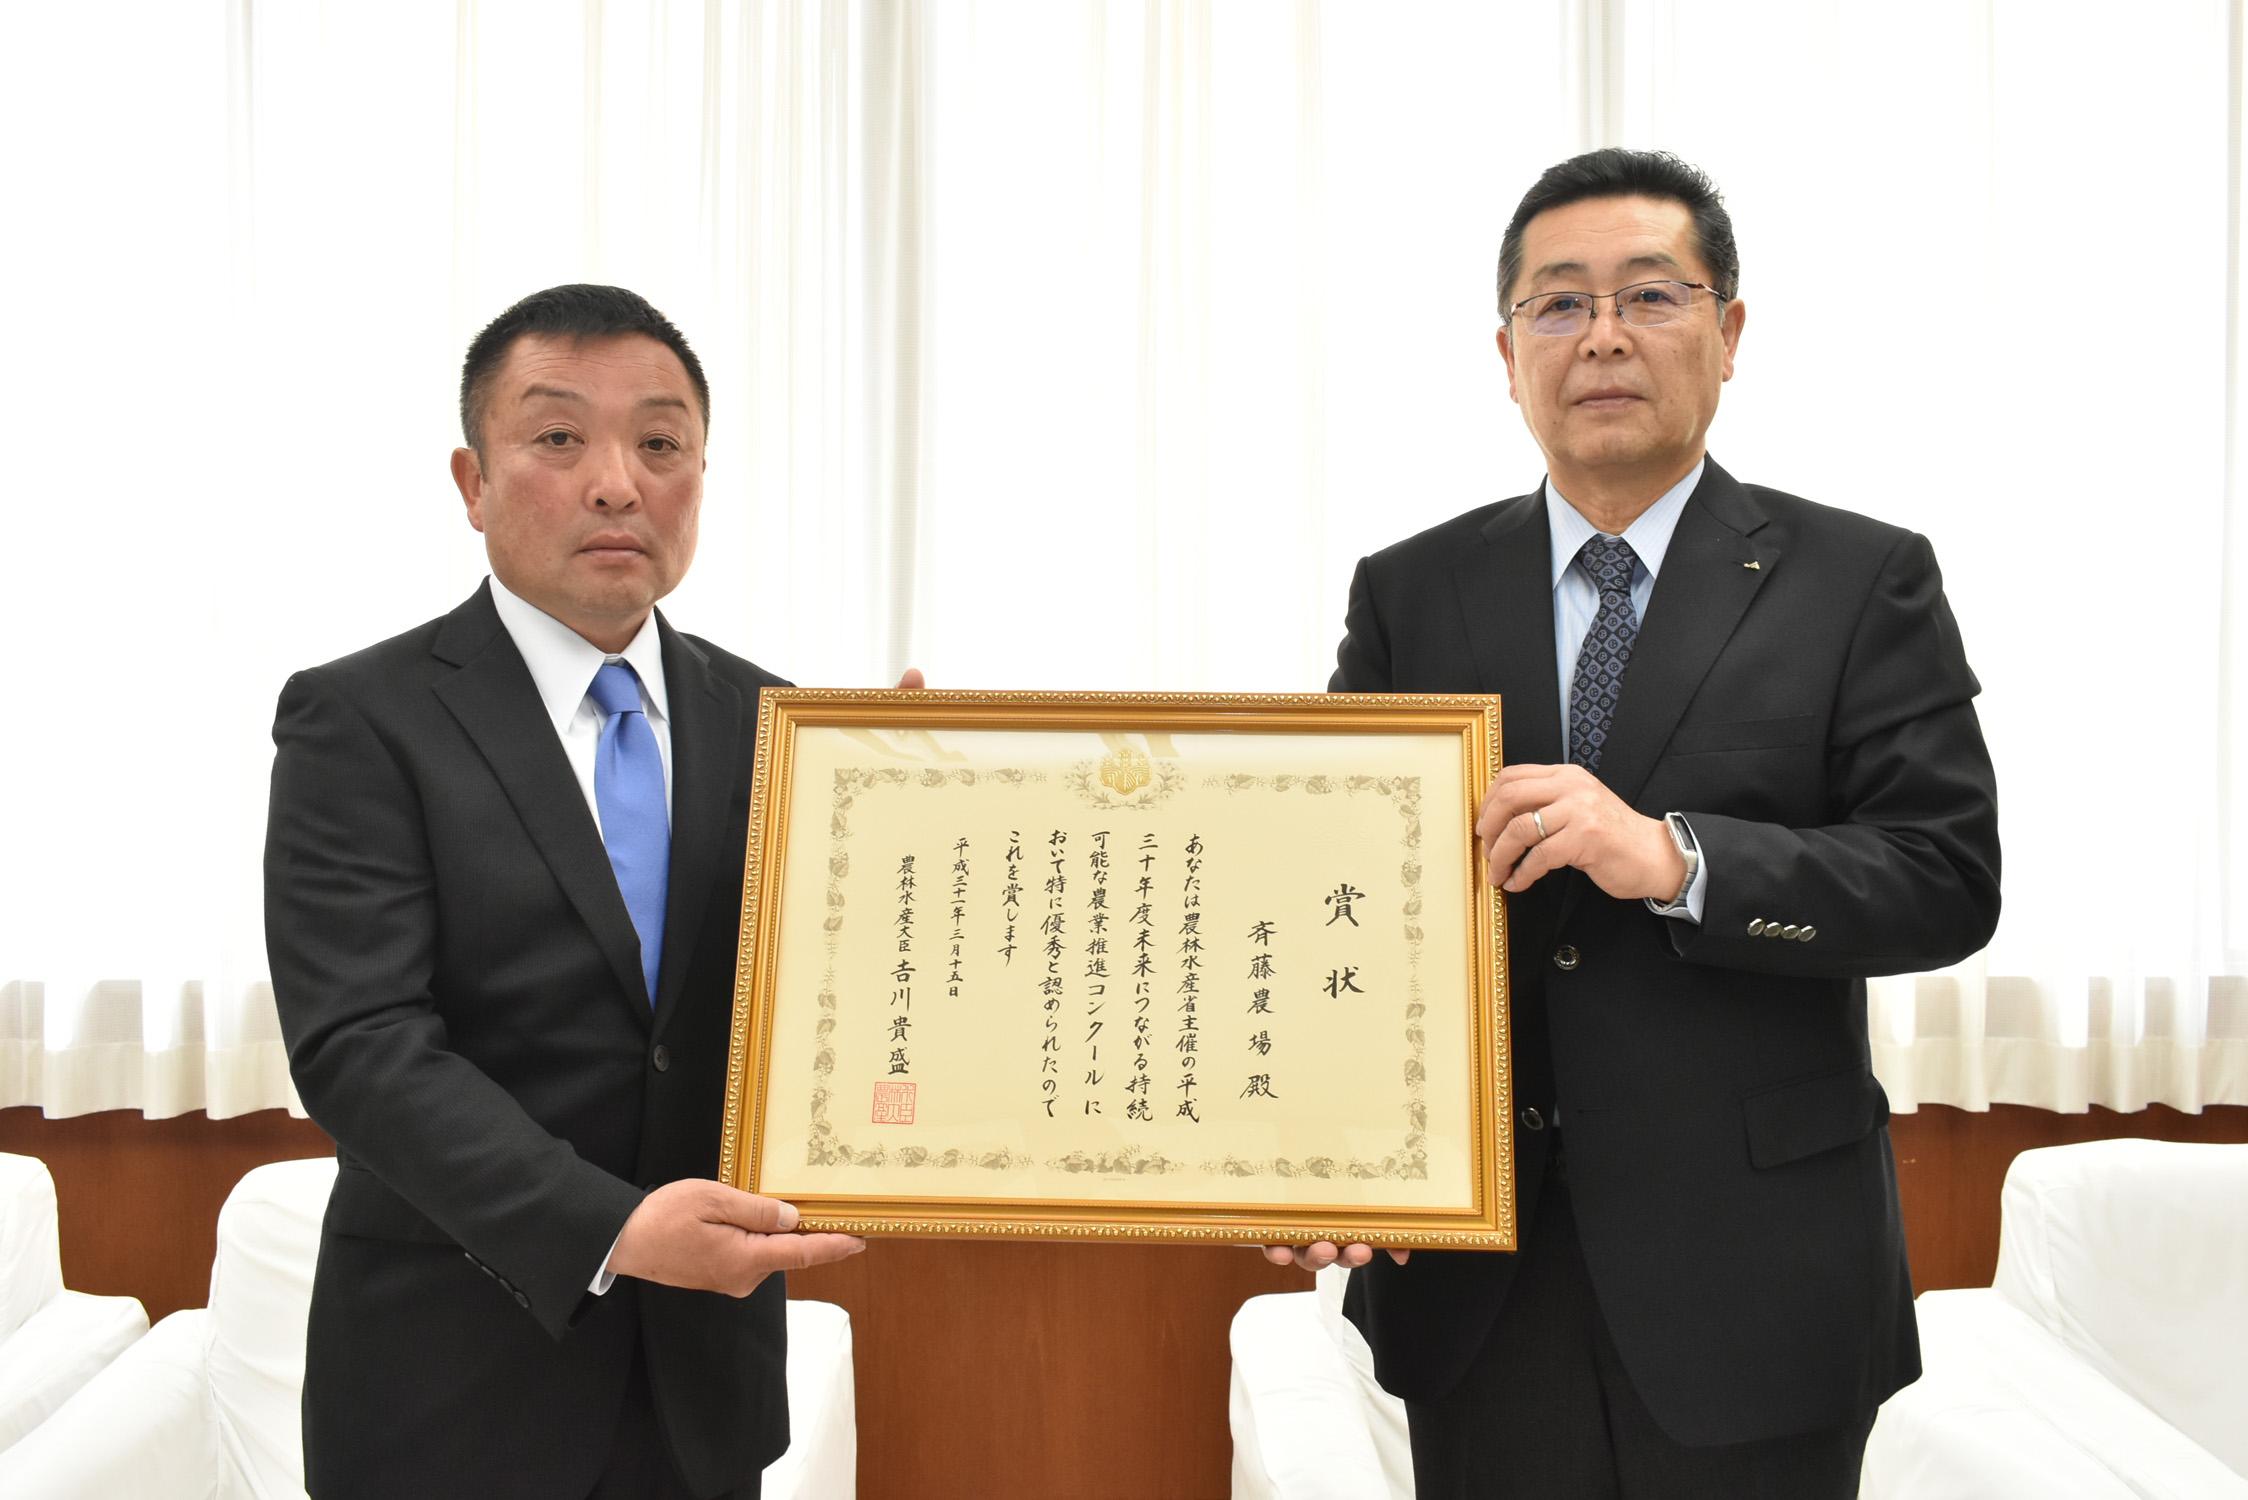 斎藤知秀さんが農林水産大臣賞を受賞